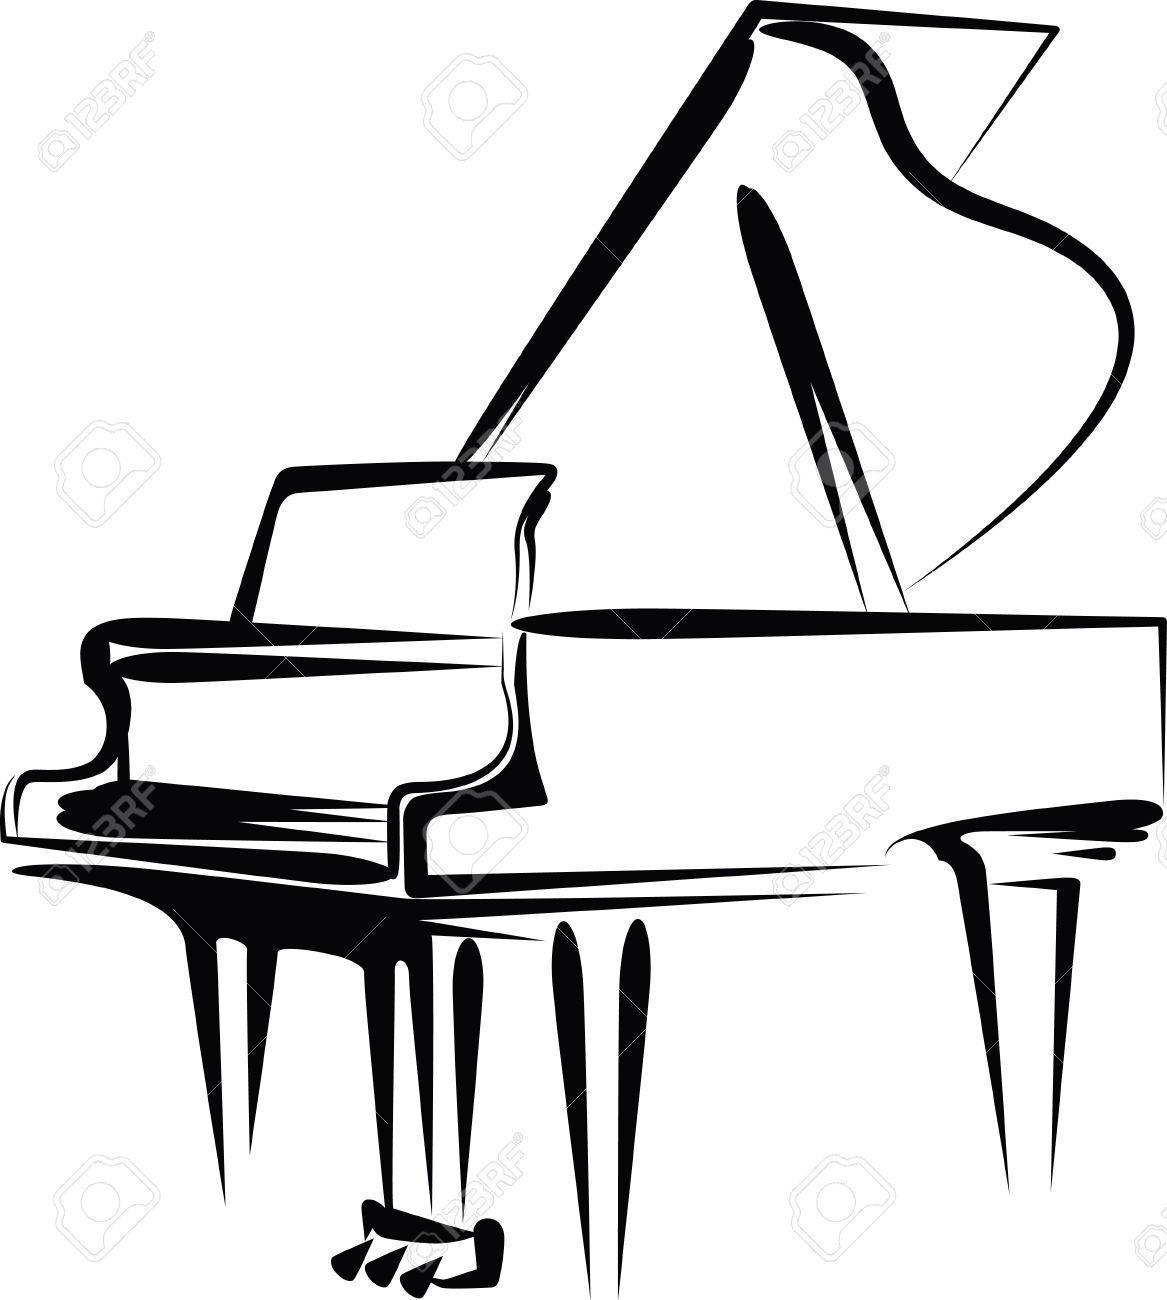 1167x1300 Sketch Clipart Piano